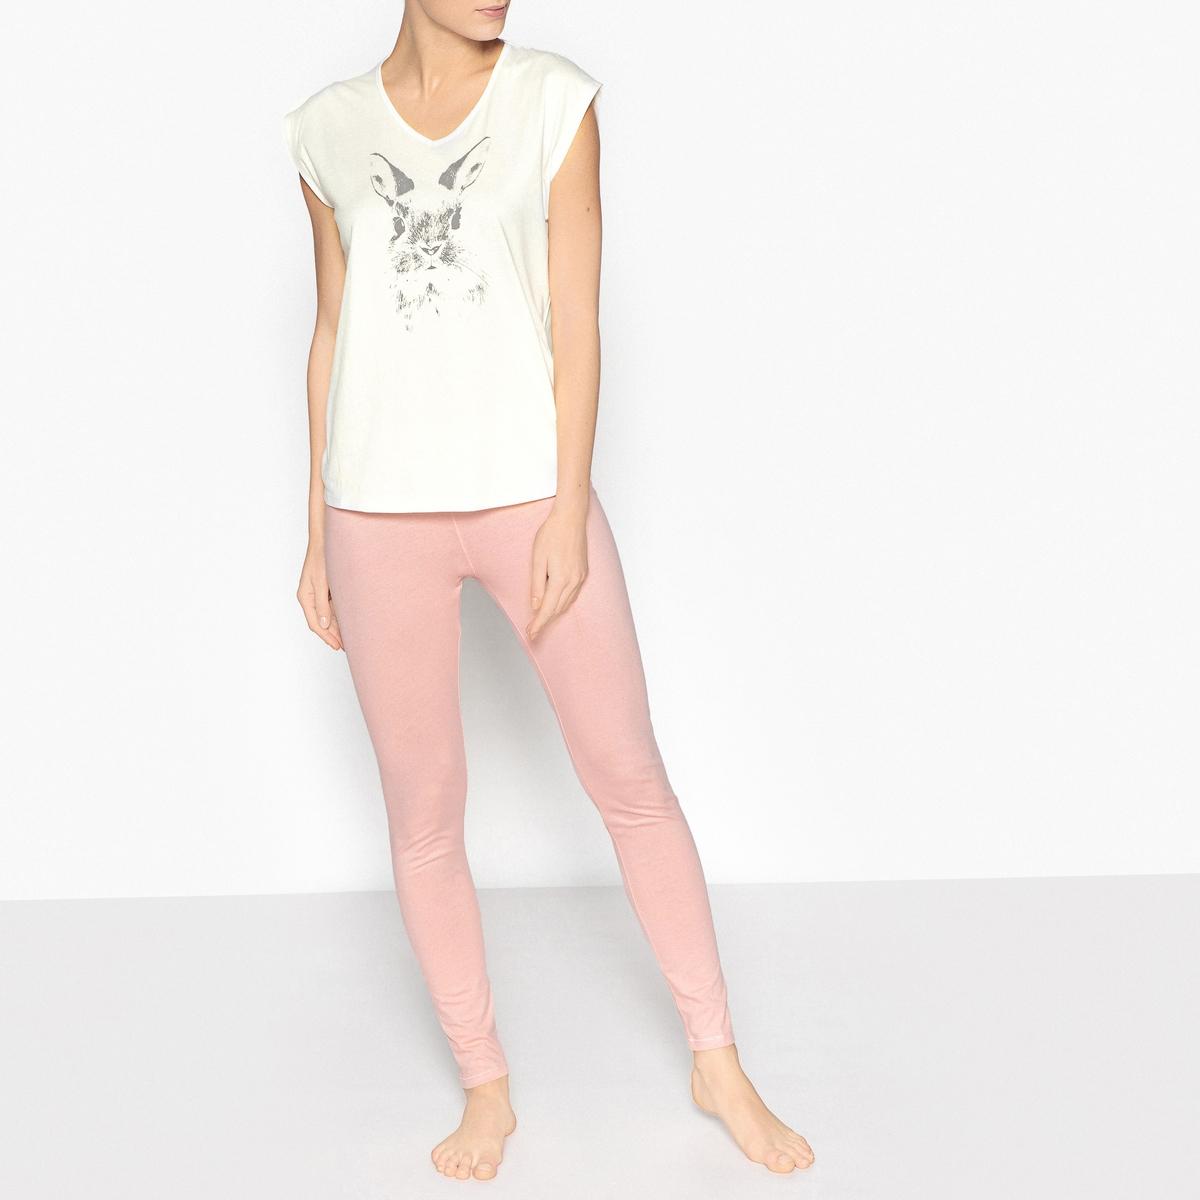 Пижама с рисунком зайчикОписание:Очаровательная пижама с большим зайчиком на футболке спереди  . Низ в форме леггинсов, в которых удобно отдыхать и спать .Детали•  Верх прямого покроя . •  Короткие рукава. •   V-образный вырез. •  Рисунок зайчик спереди . •  Низ-леггинсы . •  Длина : Высота : 65 см.Длина по внутр.шву : 77 смСостав и уход •  Материал : 100% хлопок. •  Машинная стирка при 40°C в деликатном режиме. •  Стирать с вещами схожих цветов. •  Стирать и гладить с изнаночной стороны. •  Гладить при низкой температуре.<br><br>Цвет: розовый/ белый<br>Размер: 34/36 (FR) - 40/42 (RUS).50/52 (FR) - 56/58 (RUS).46/48 (FR) - 52/54 (RUS).42/44 (FR) - 48/50 (RUS).38/40 (FR) - 44/46 (RUS)